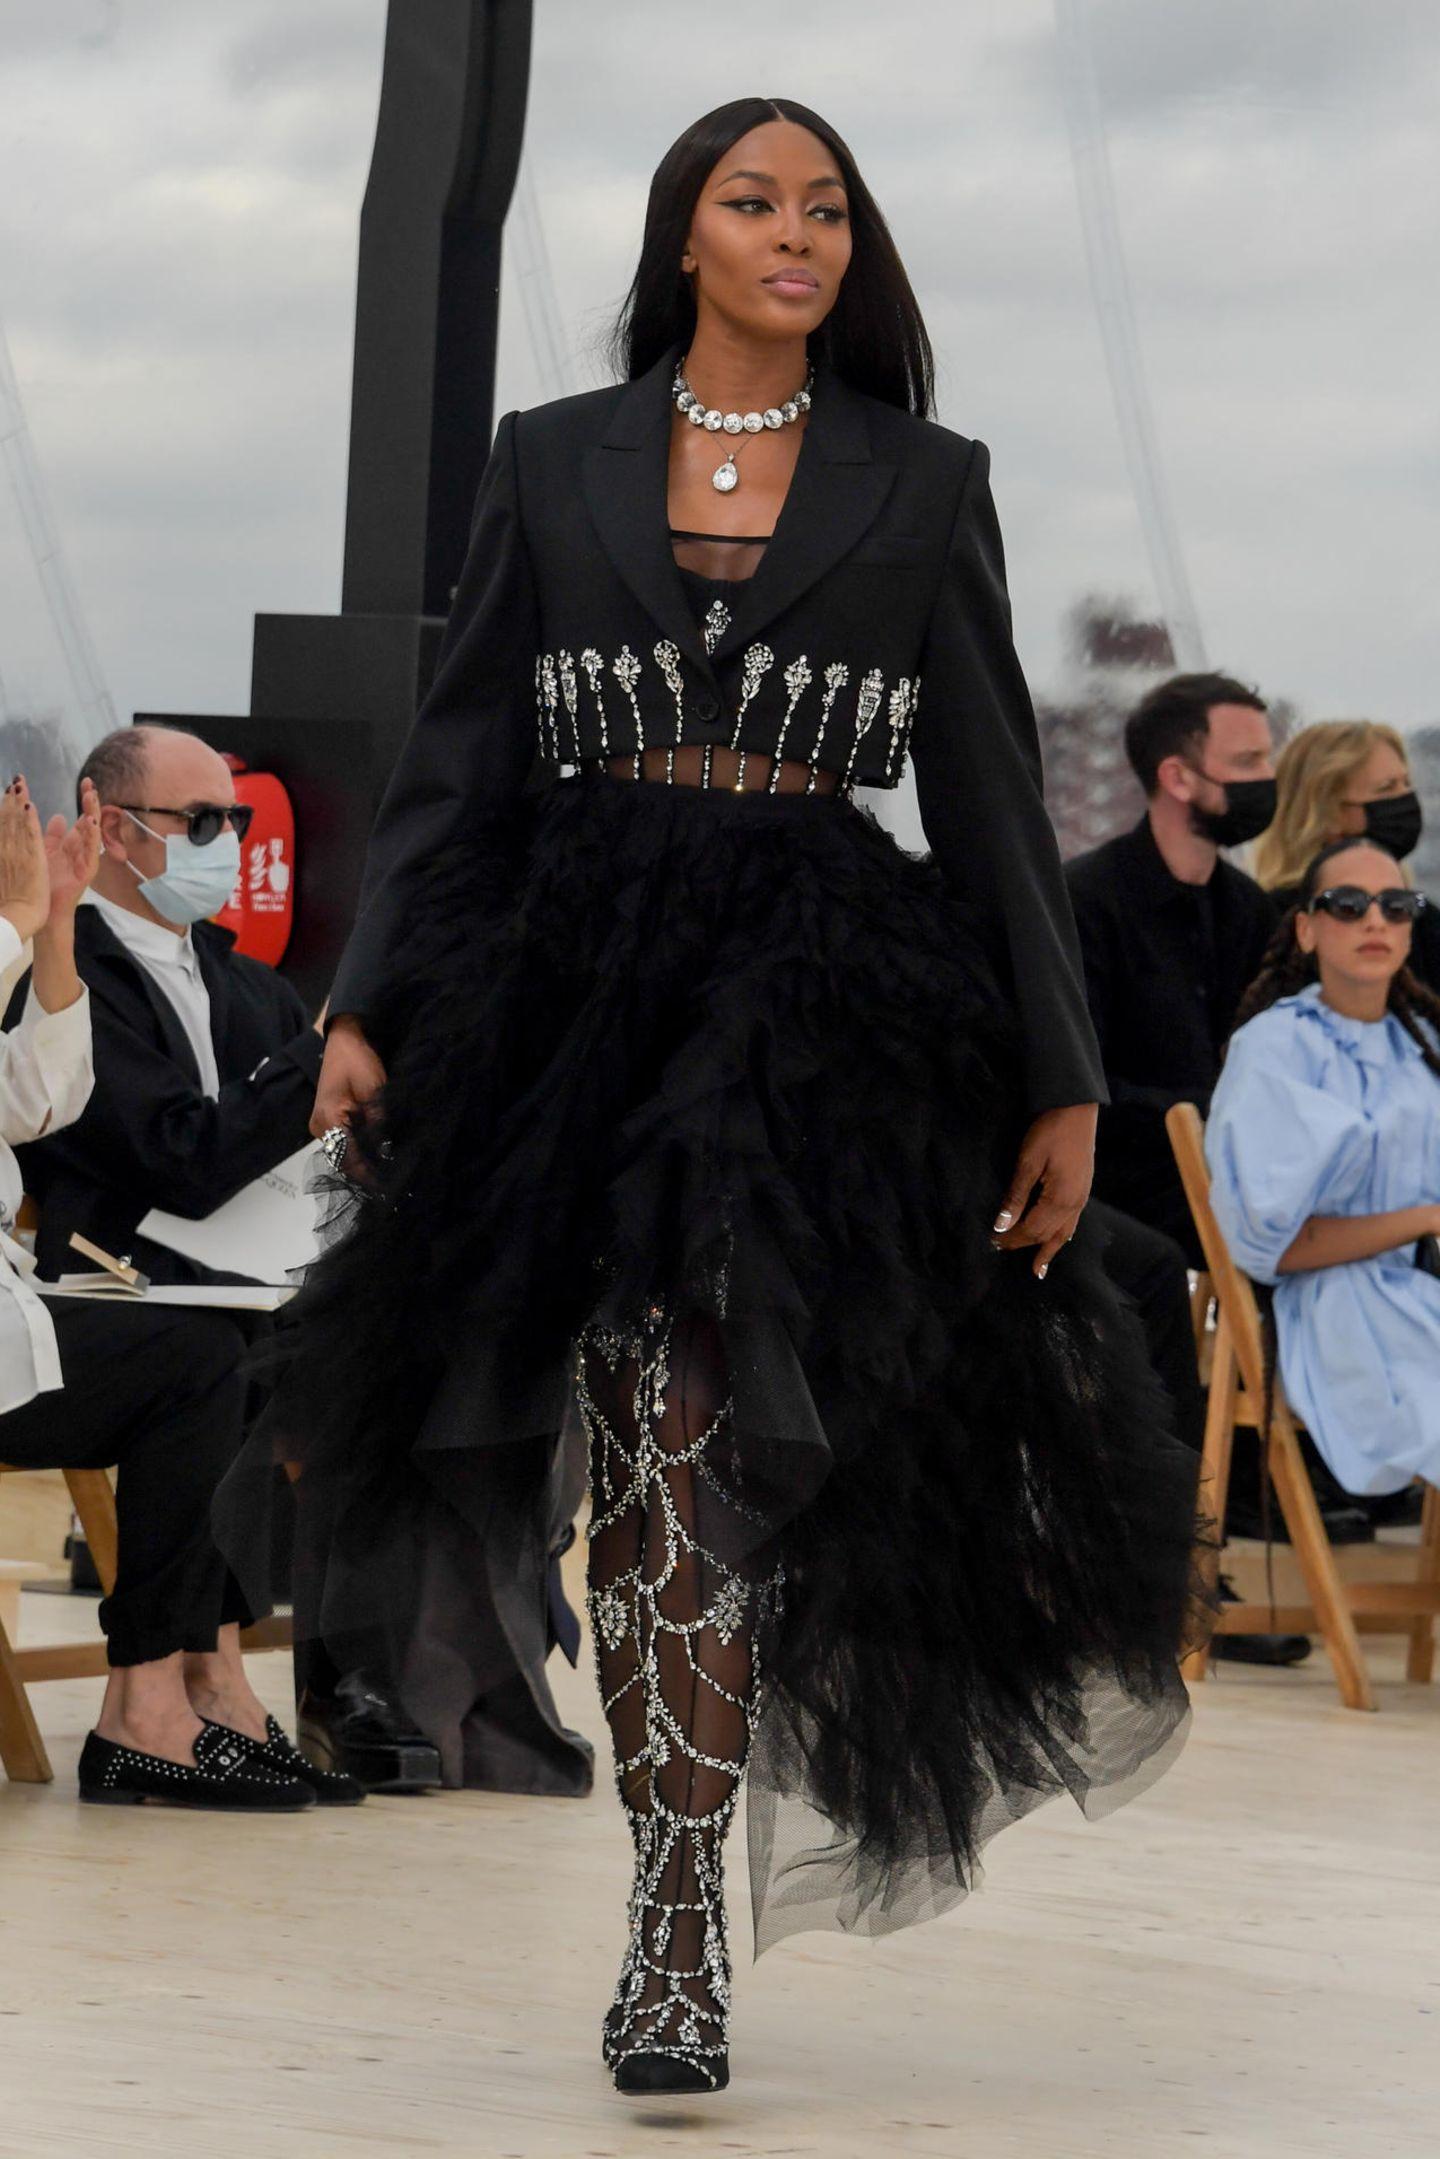 Naomi Campbell kehrt auf den McQueen-Laufsteg zurück! Das Supermodel beendetSarah Burtons S/S 2022-Show in London am Dienstag (12. Oktober 2021). Die Fashion Week in der britischen Hauptstadt hatte eigentlich schon vor einem Monat stattgefunden, dennoch zeigte das britische Label seine modische Version für den Sommer 2022 erst jetzt. Obwohl Naomiein Liebling des britischen Designers war, modeltesie seit seinem Tod 2010 nicht mehr für das Label. Am gestrigen Dienstag beendet sie nun die Show auf fulminante Art und Weise.